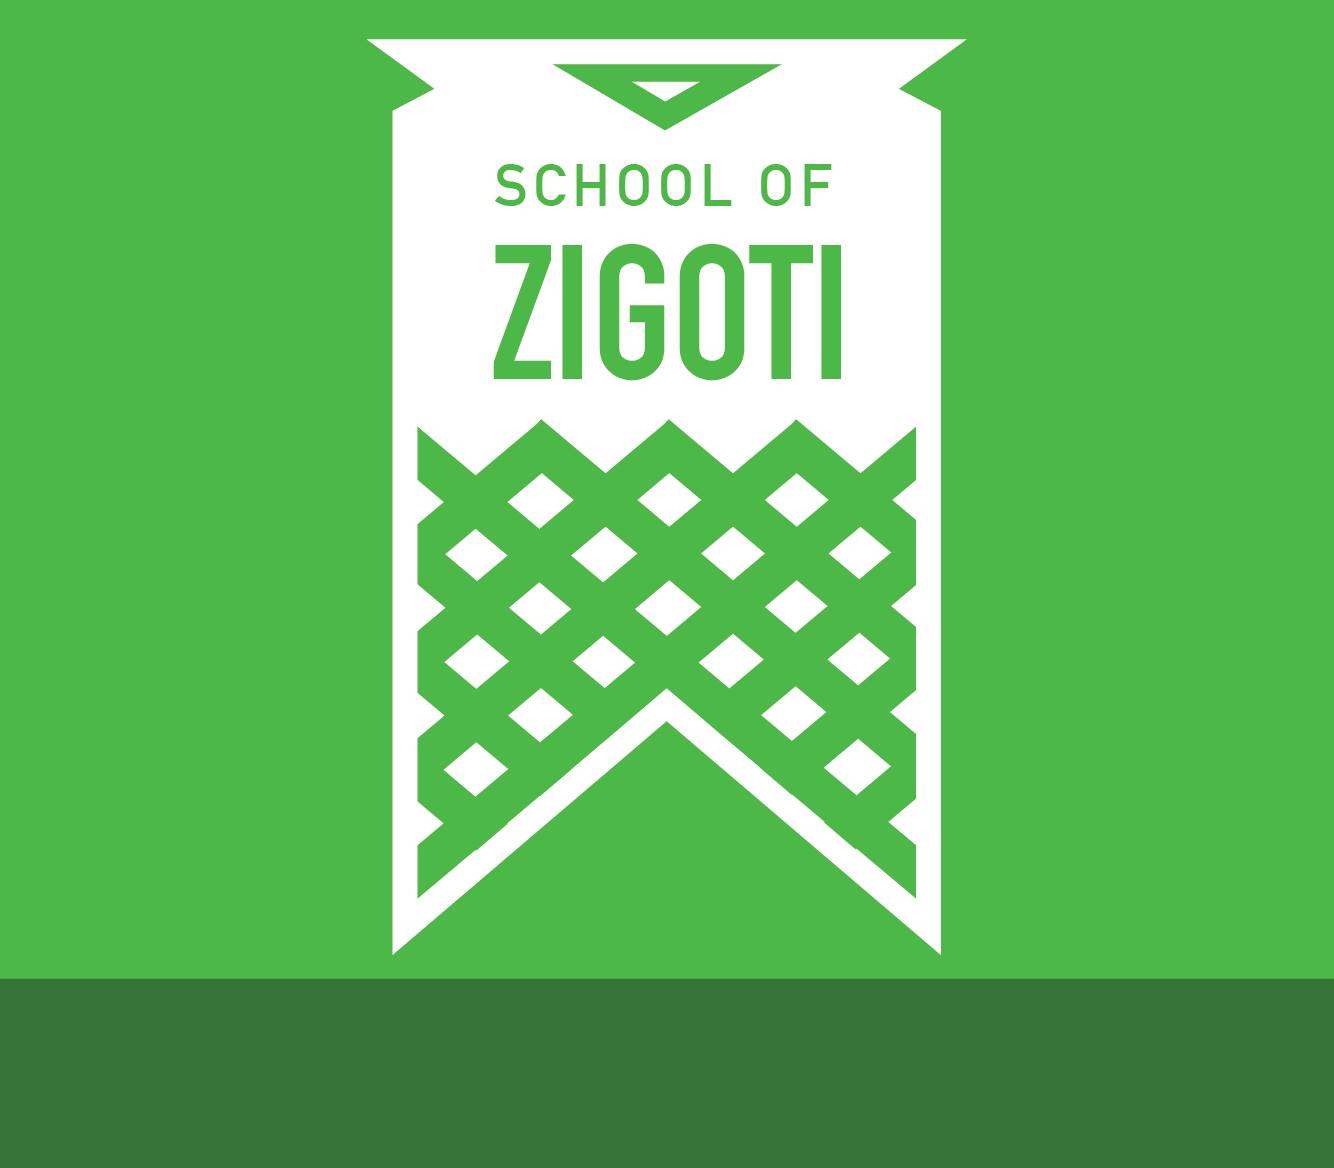 School of zigoti